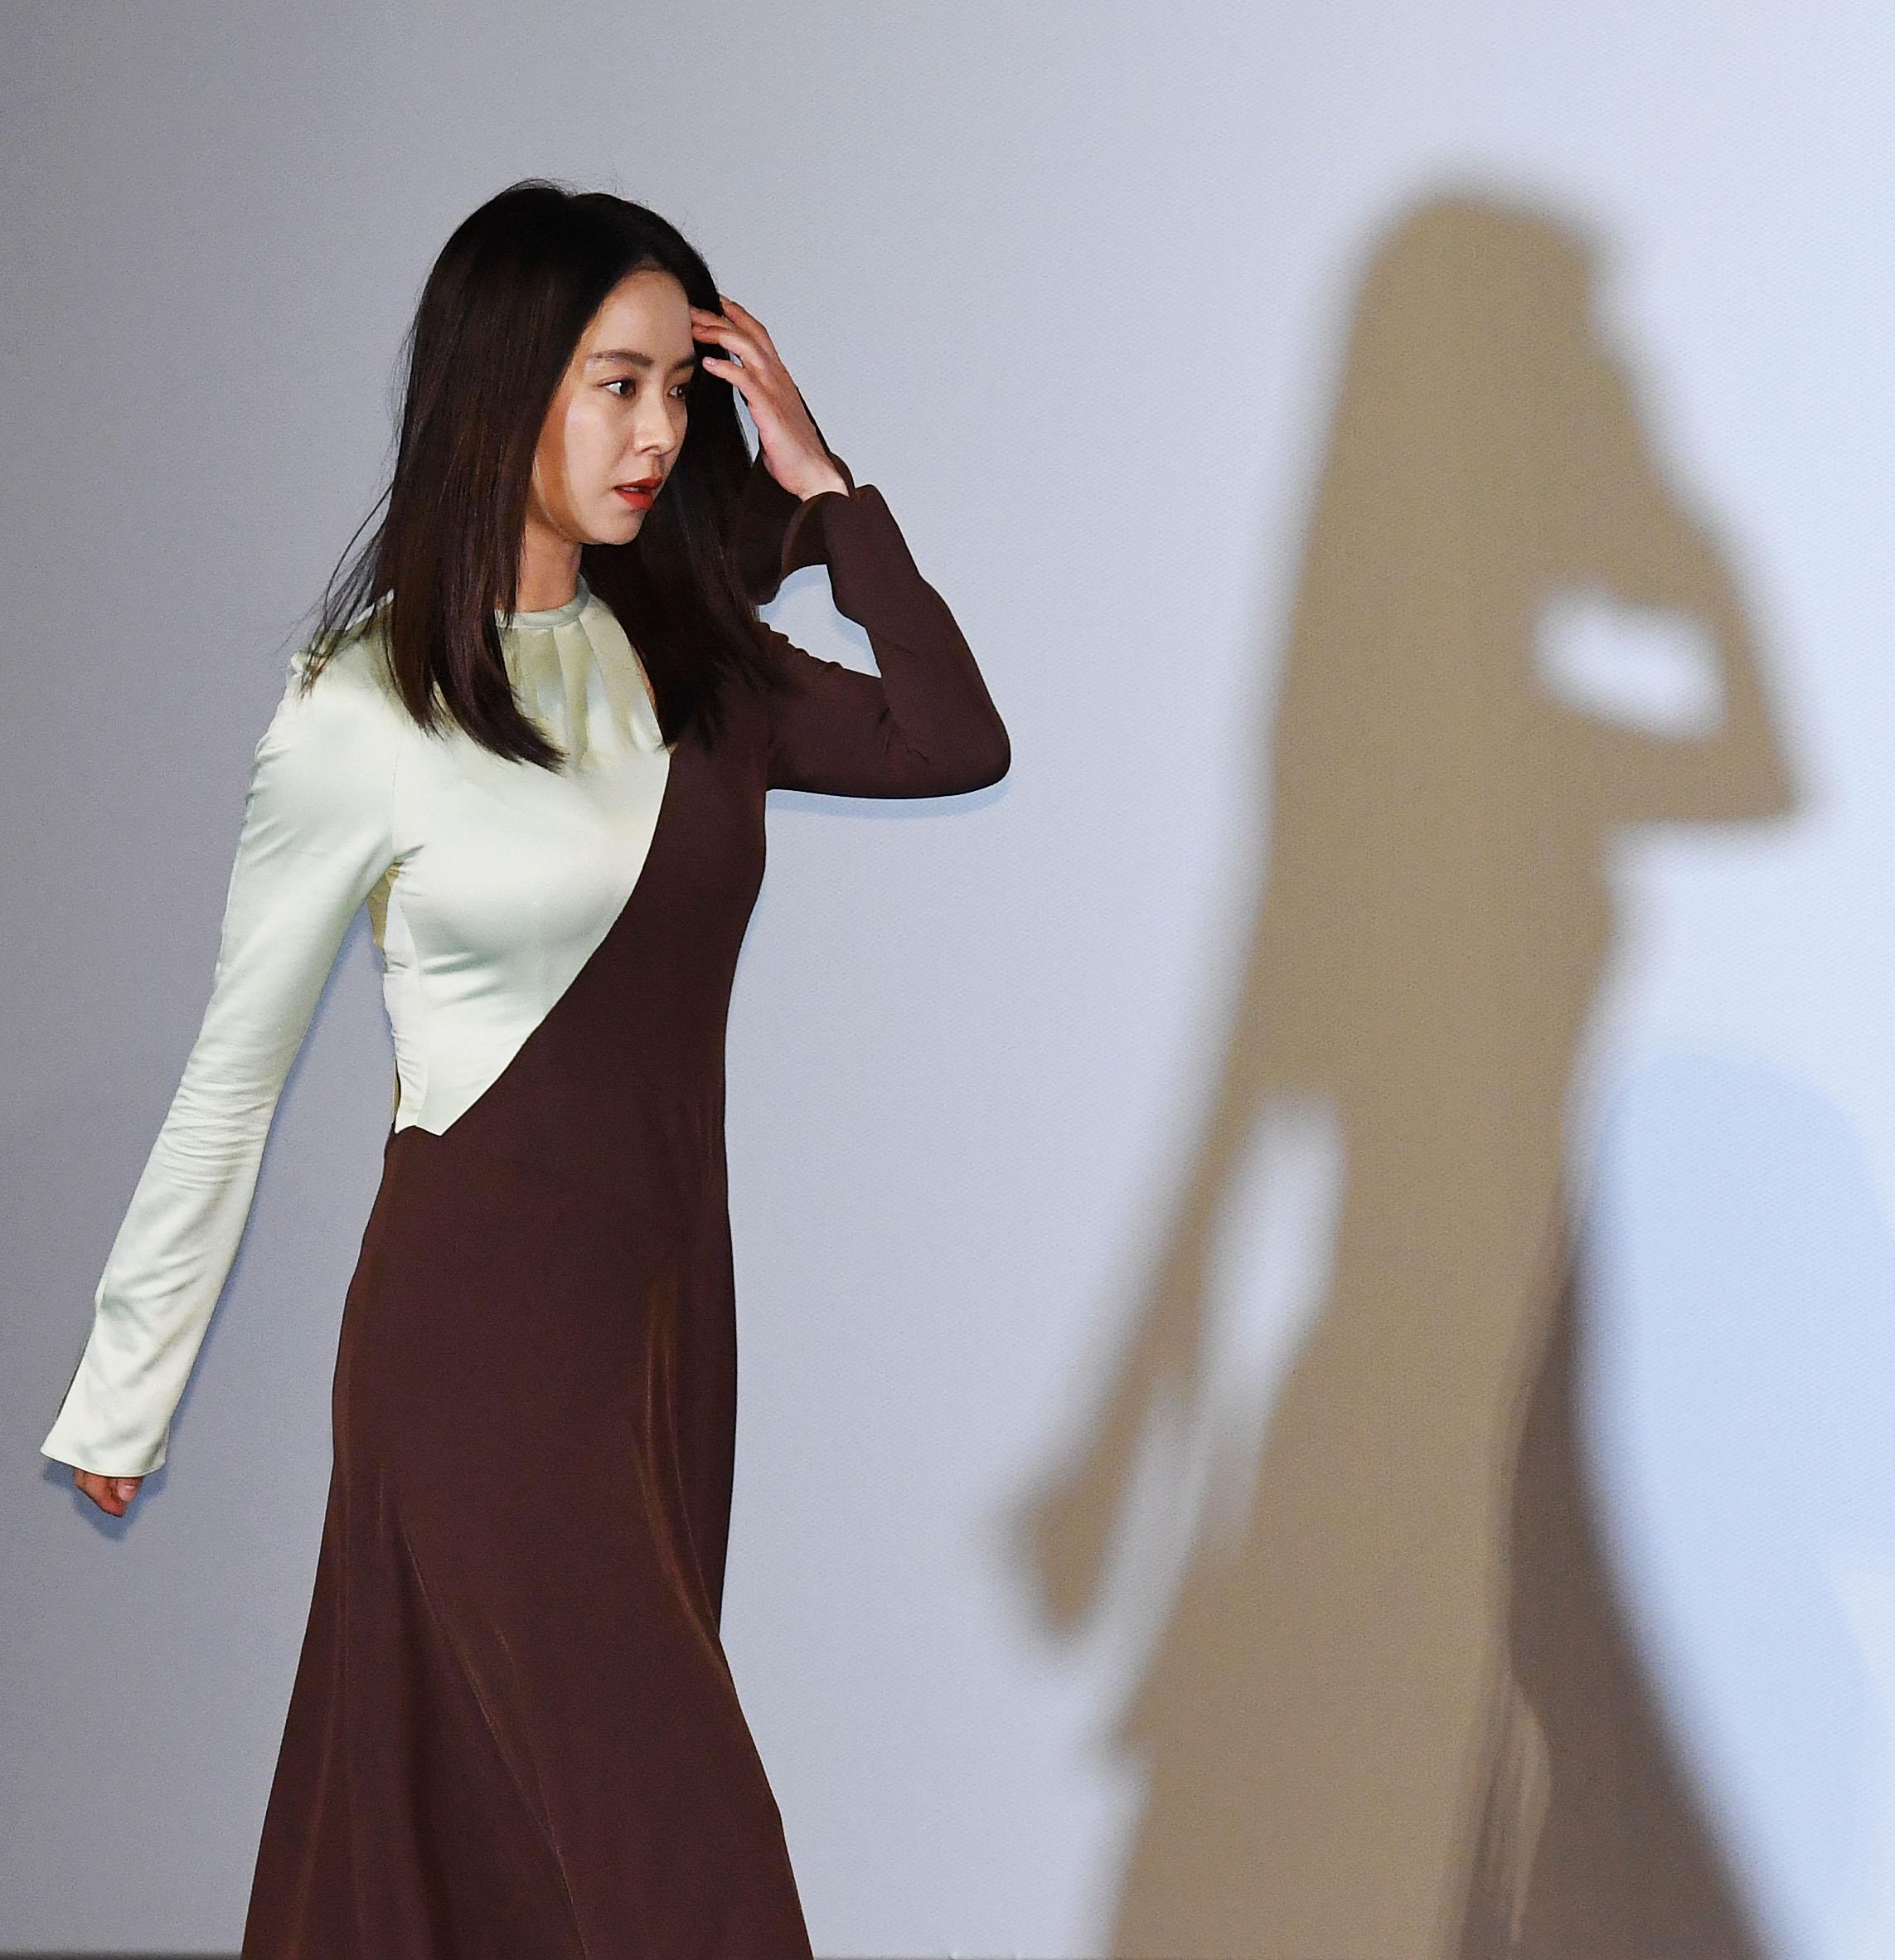 송지효 비밀스러운 두 모습